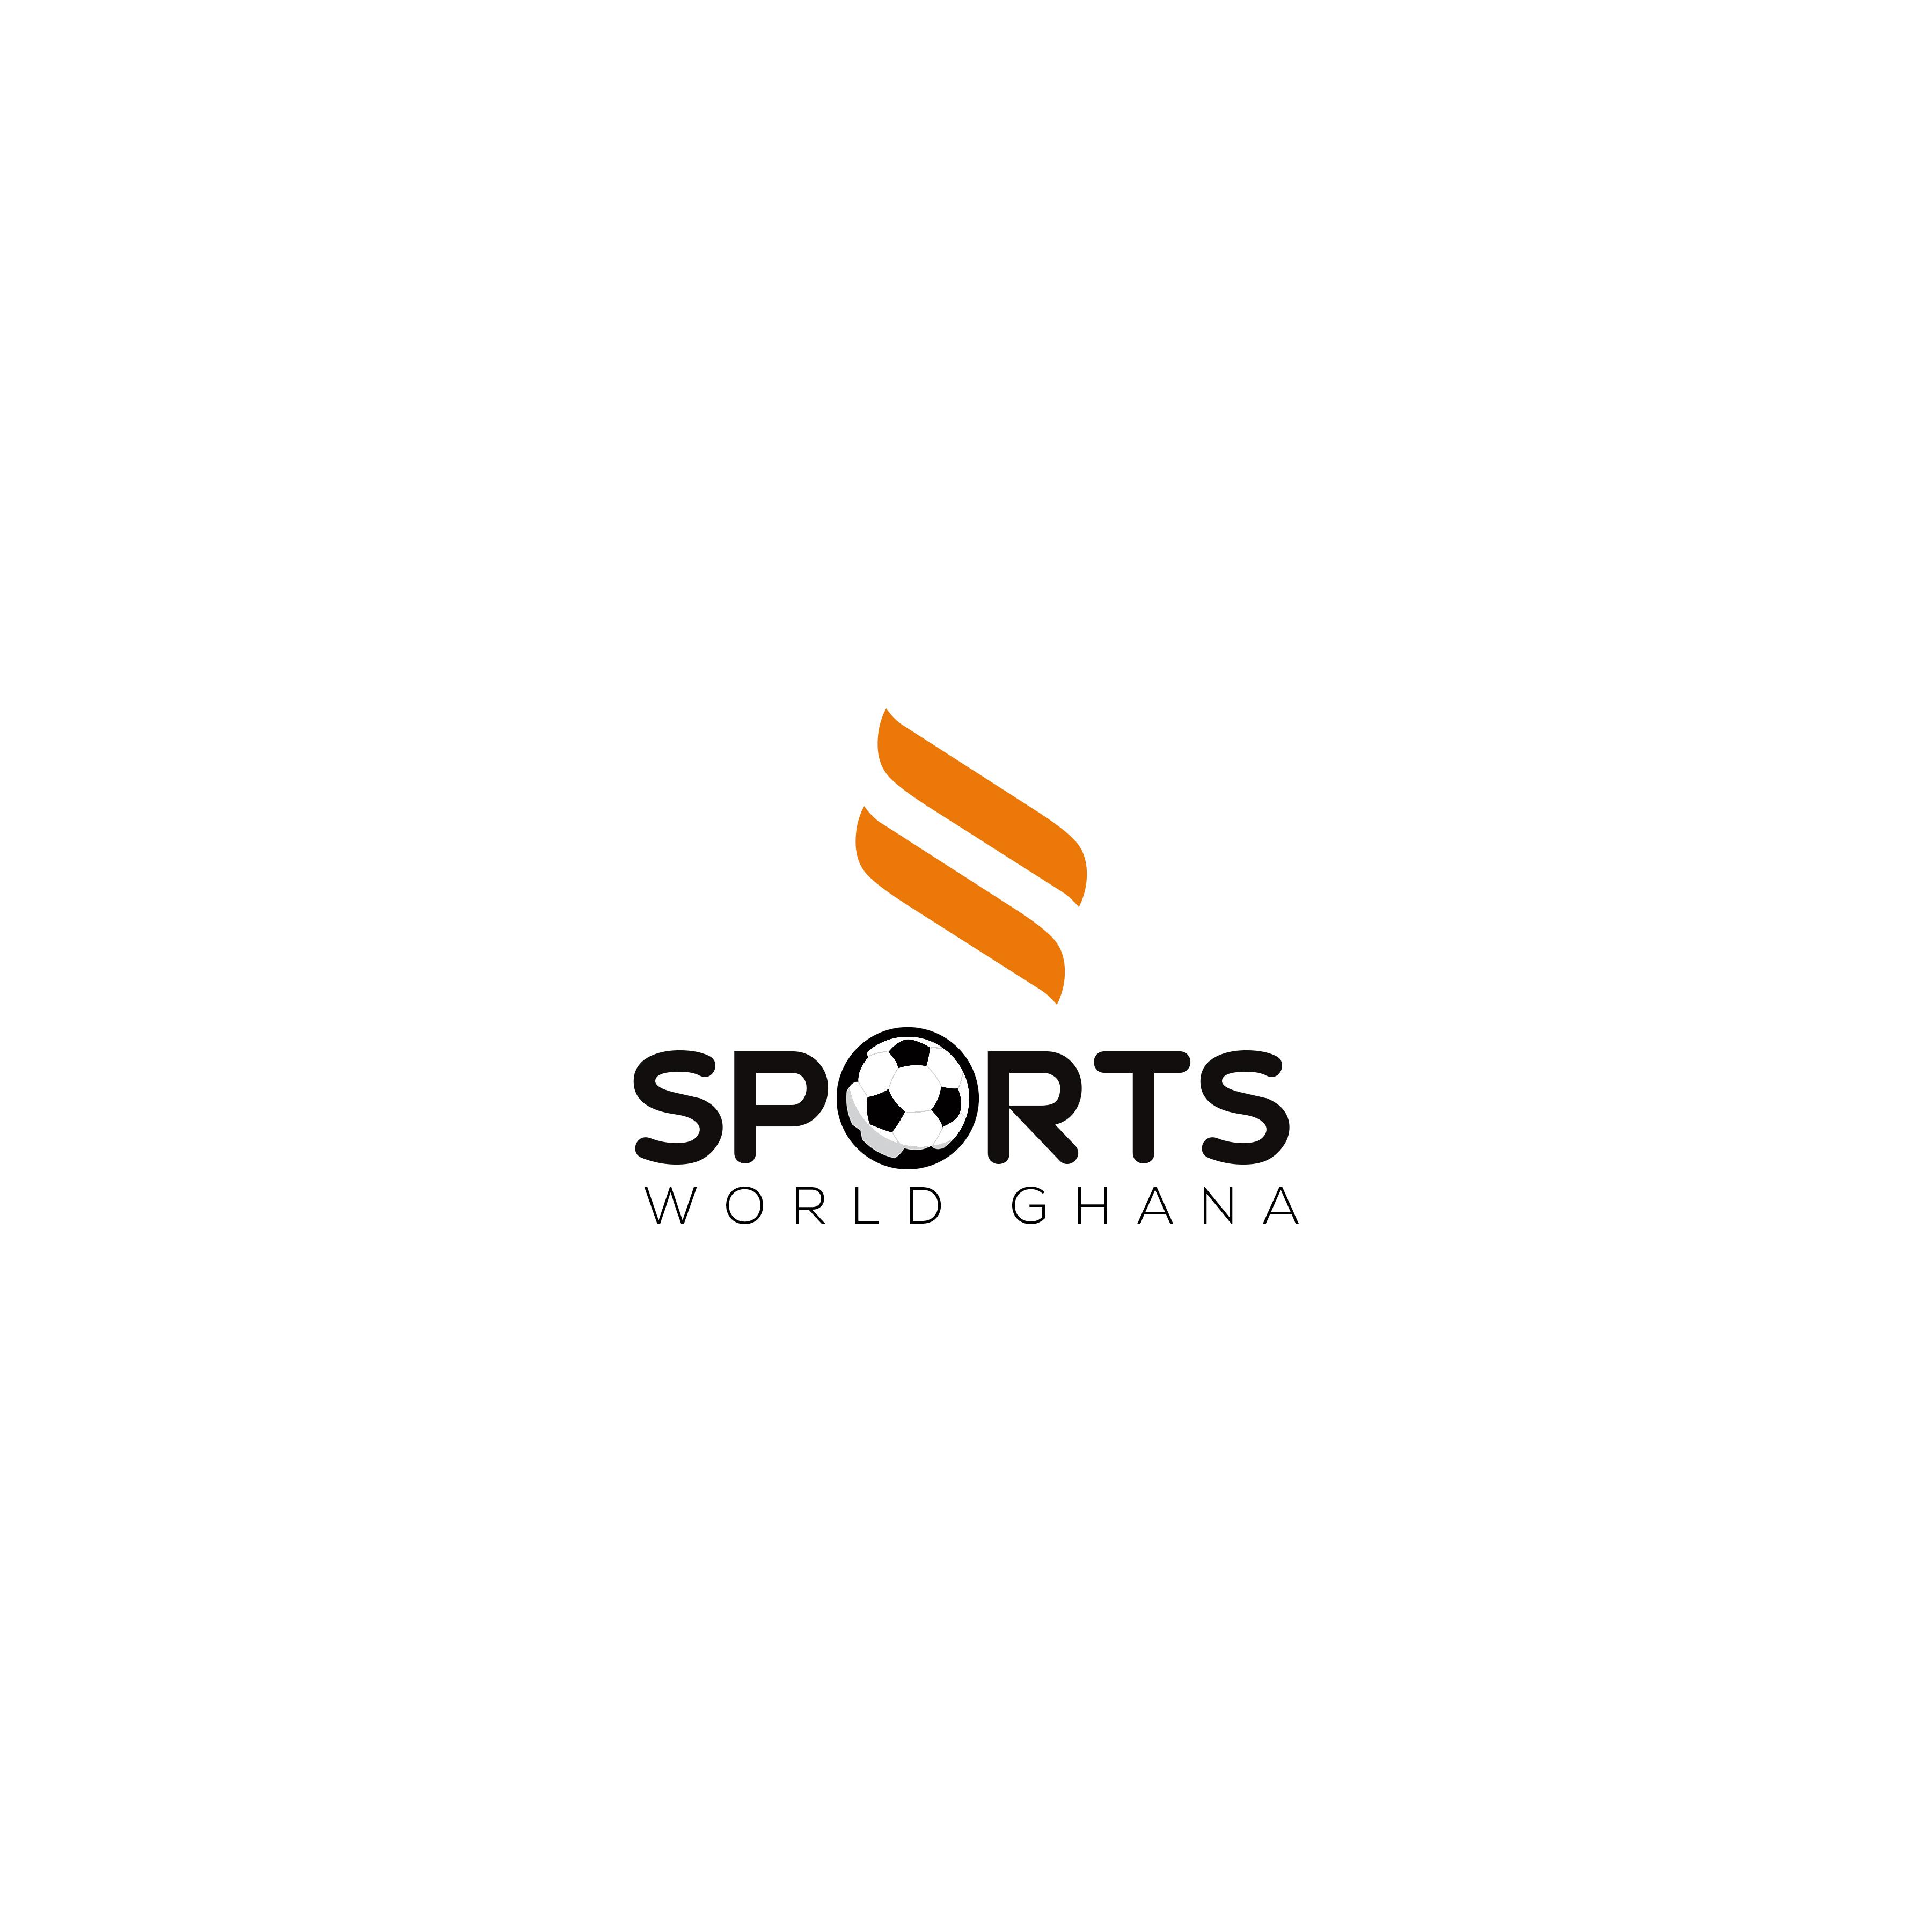 SportsWorldGhana